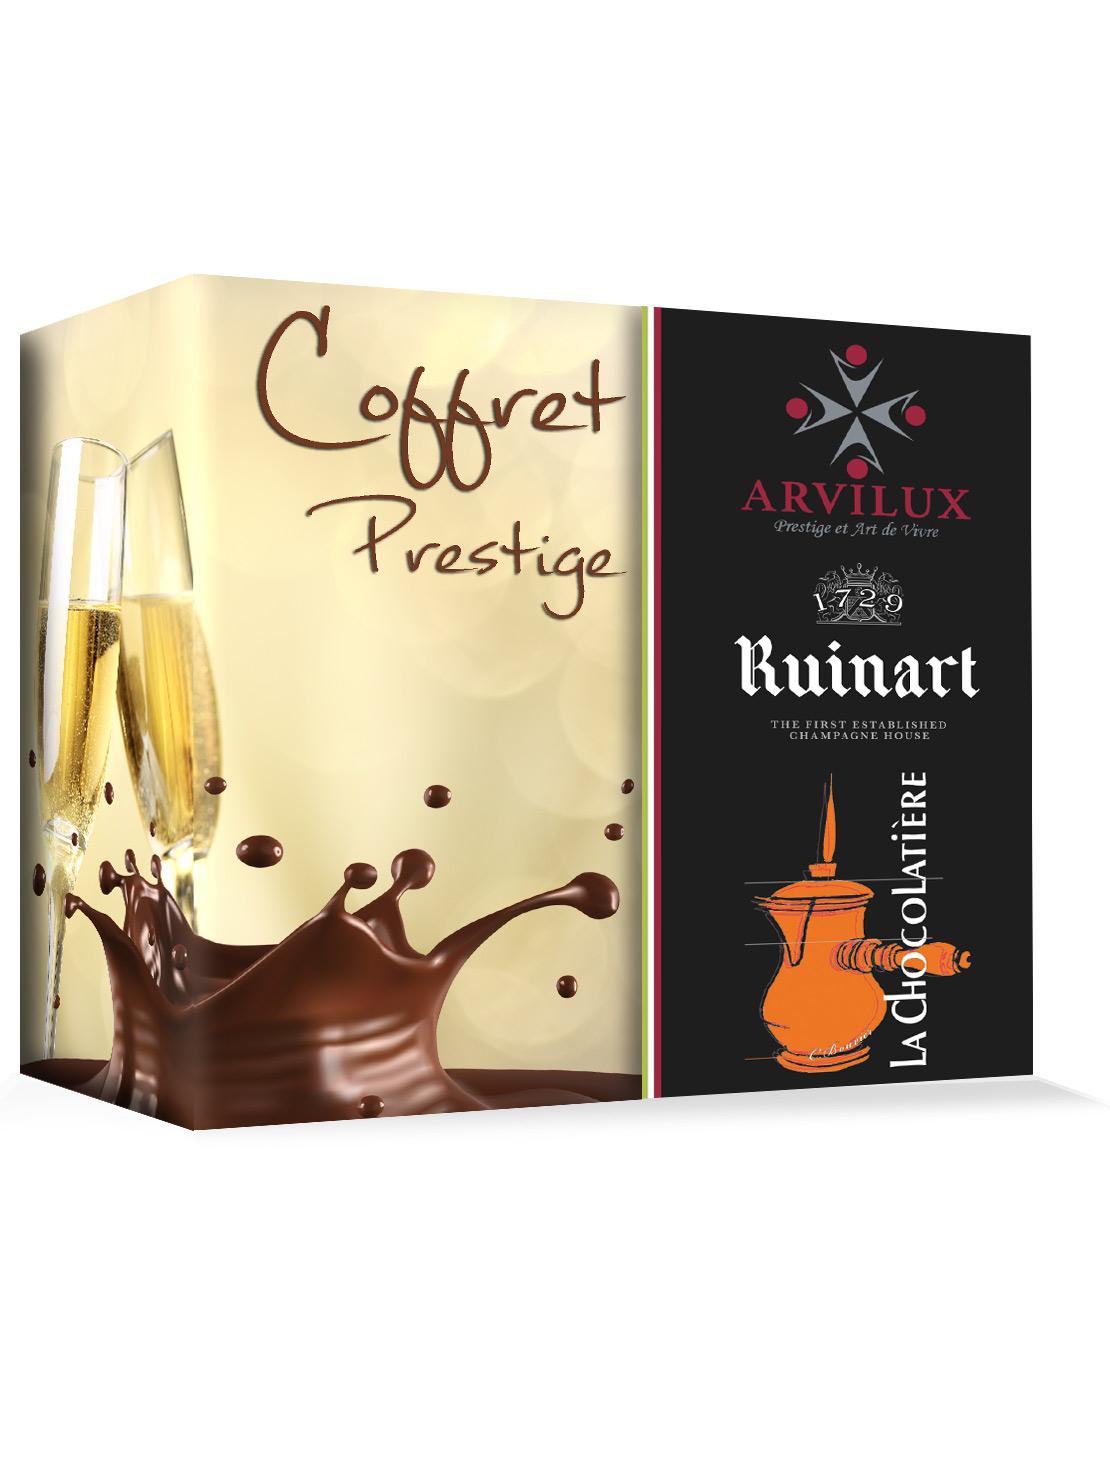 Coffret champagne & Chocolat  www.accessoire-pour-le-vin.fr